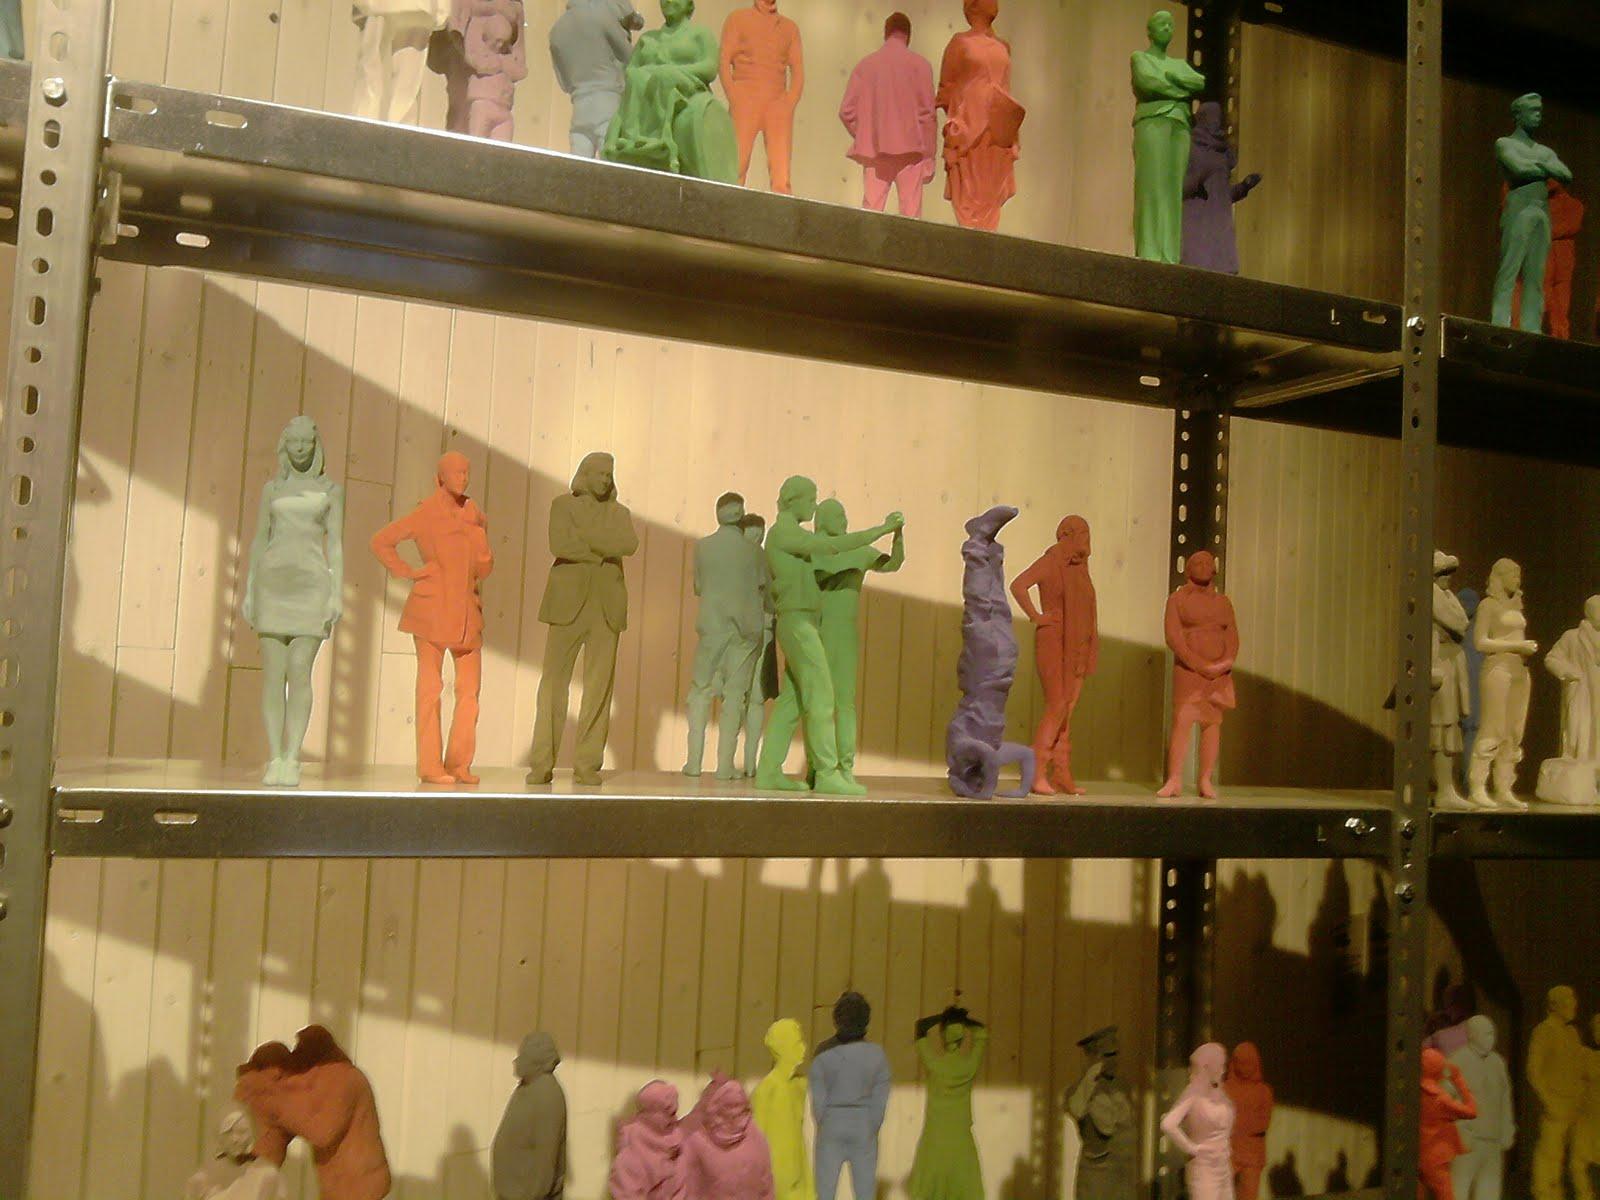 niet normaal, 3D-prints van ingescande mensen